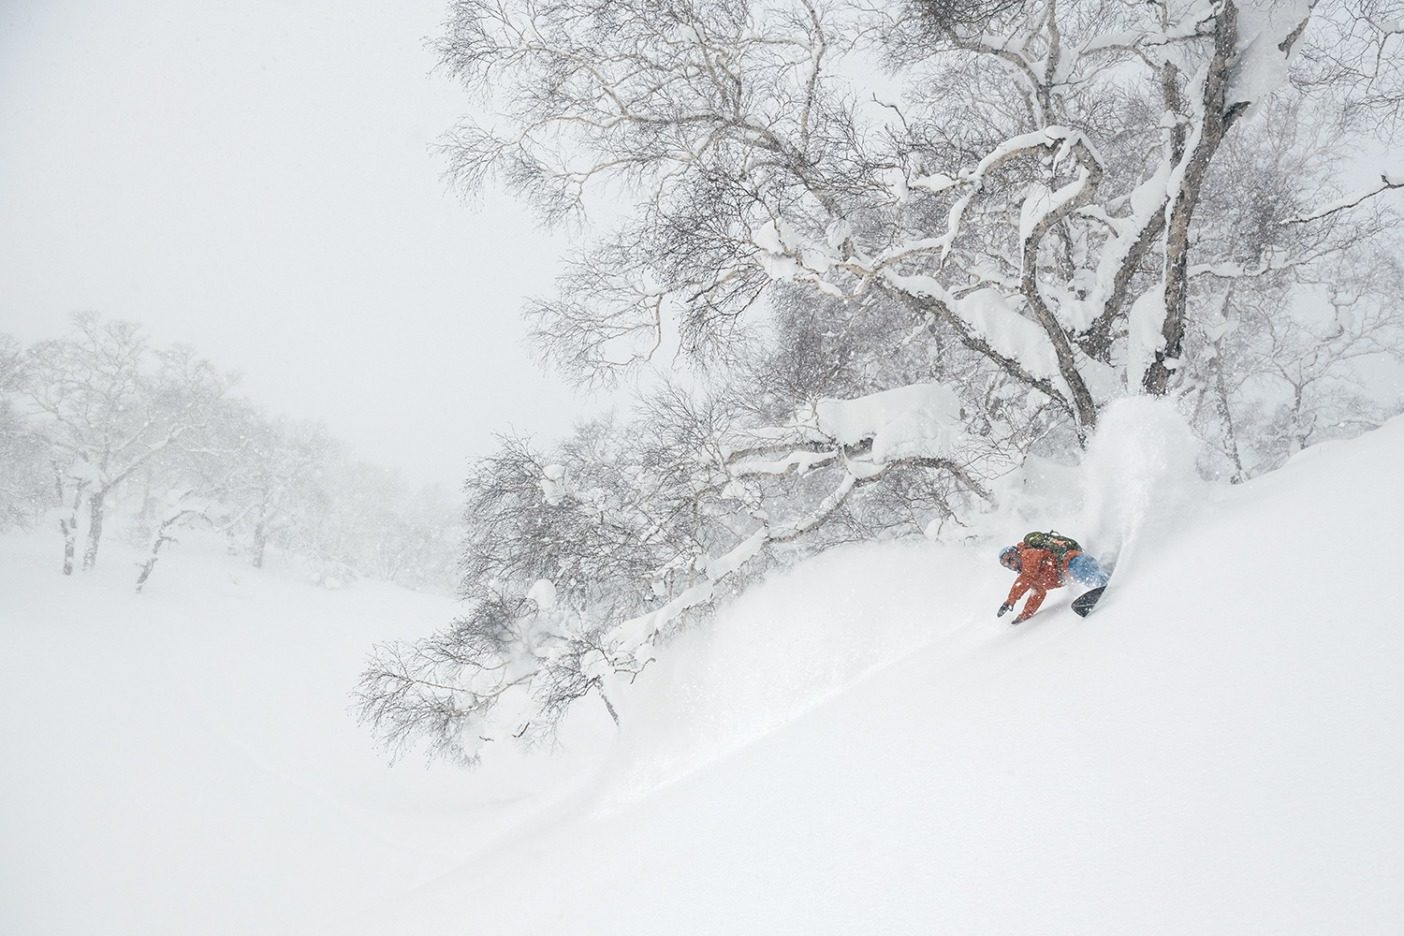 羊蹄山の山麓で自然のクォーターパイプを利用する玉井。北海道 Photo:  Garrett Grove